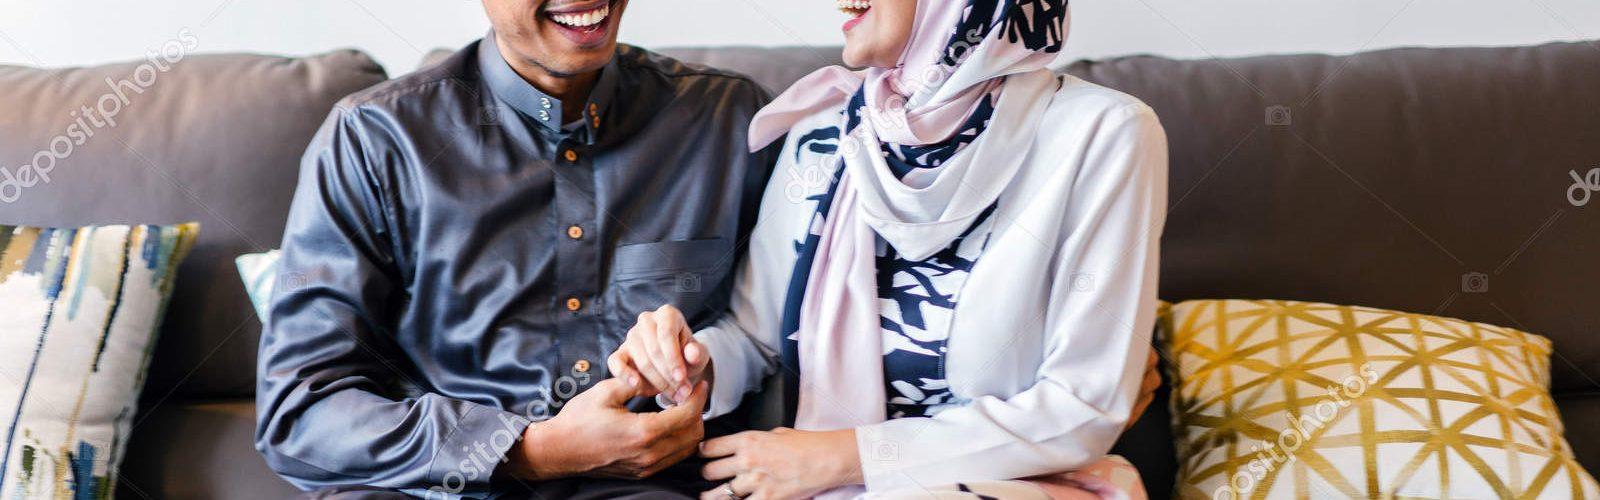 avis complet sur le site de rencontre musulman muslima